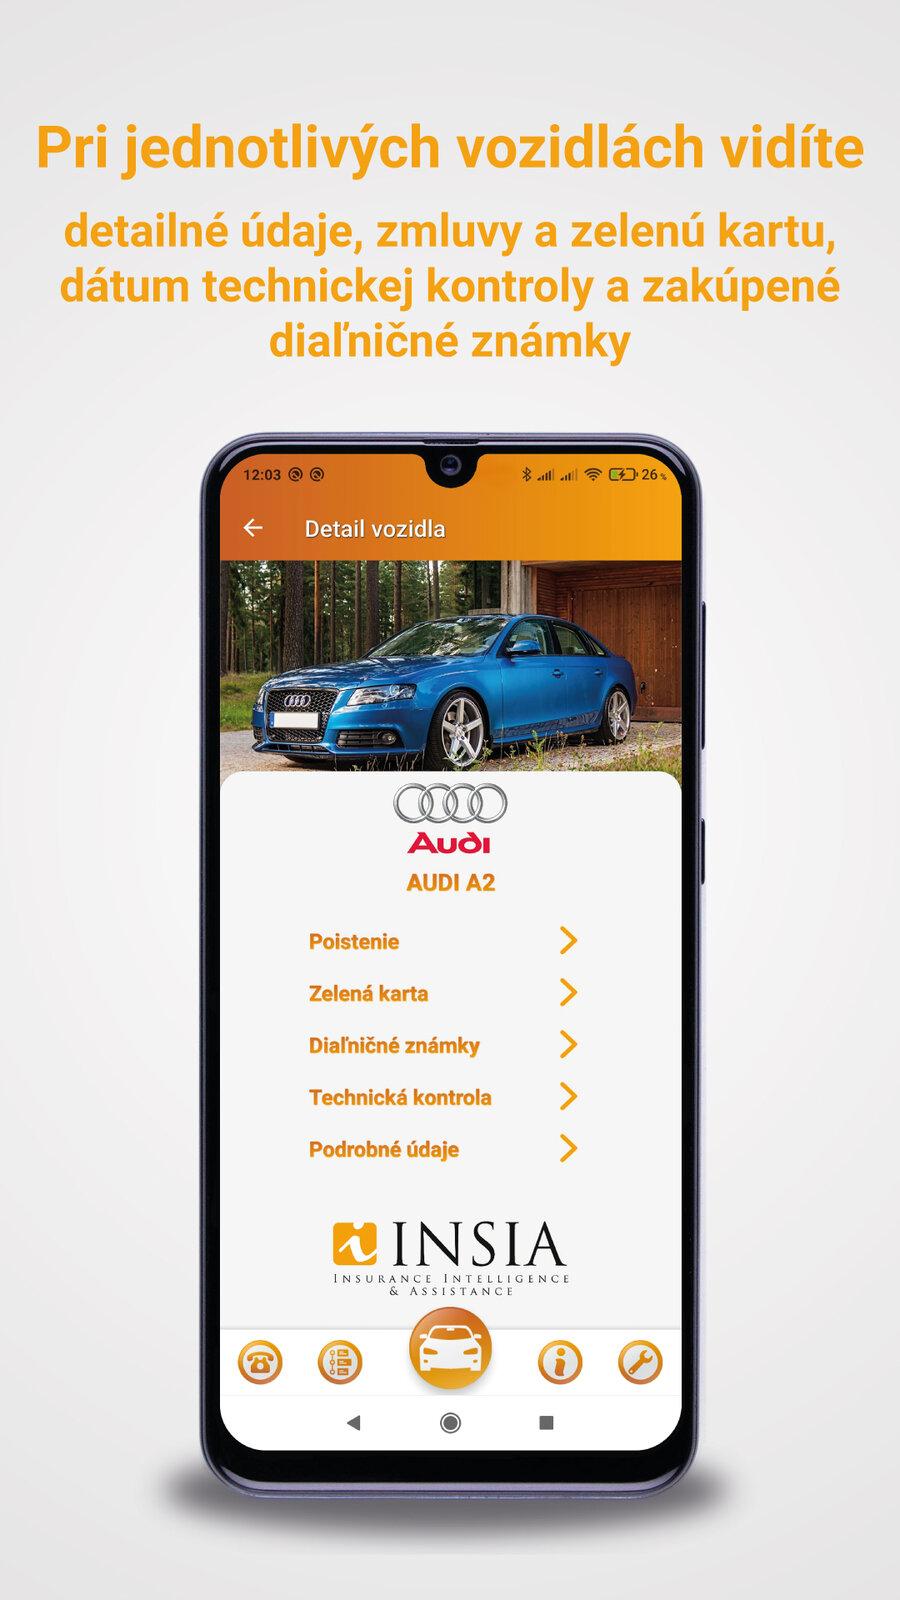 AutoMobil_Google Play Screen_SK_2 (1)